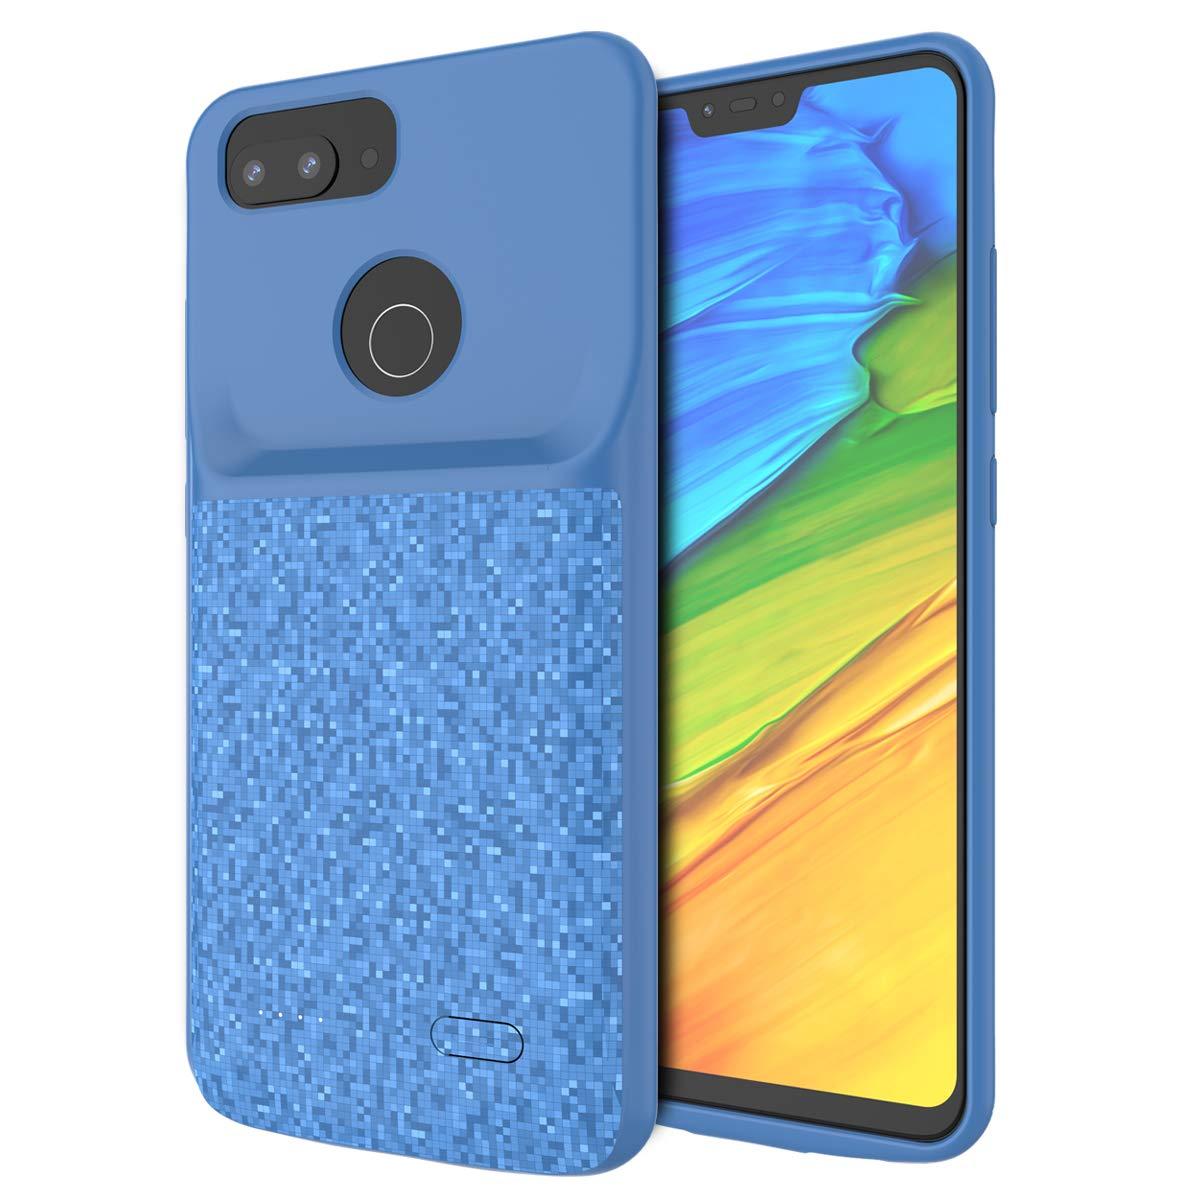 promo code 887ea 58e1c Amazon.com: Compatible with Xiaomi Mi 8 Lite 4700mAh Battery Charger ...